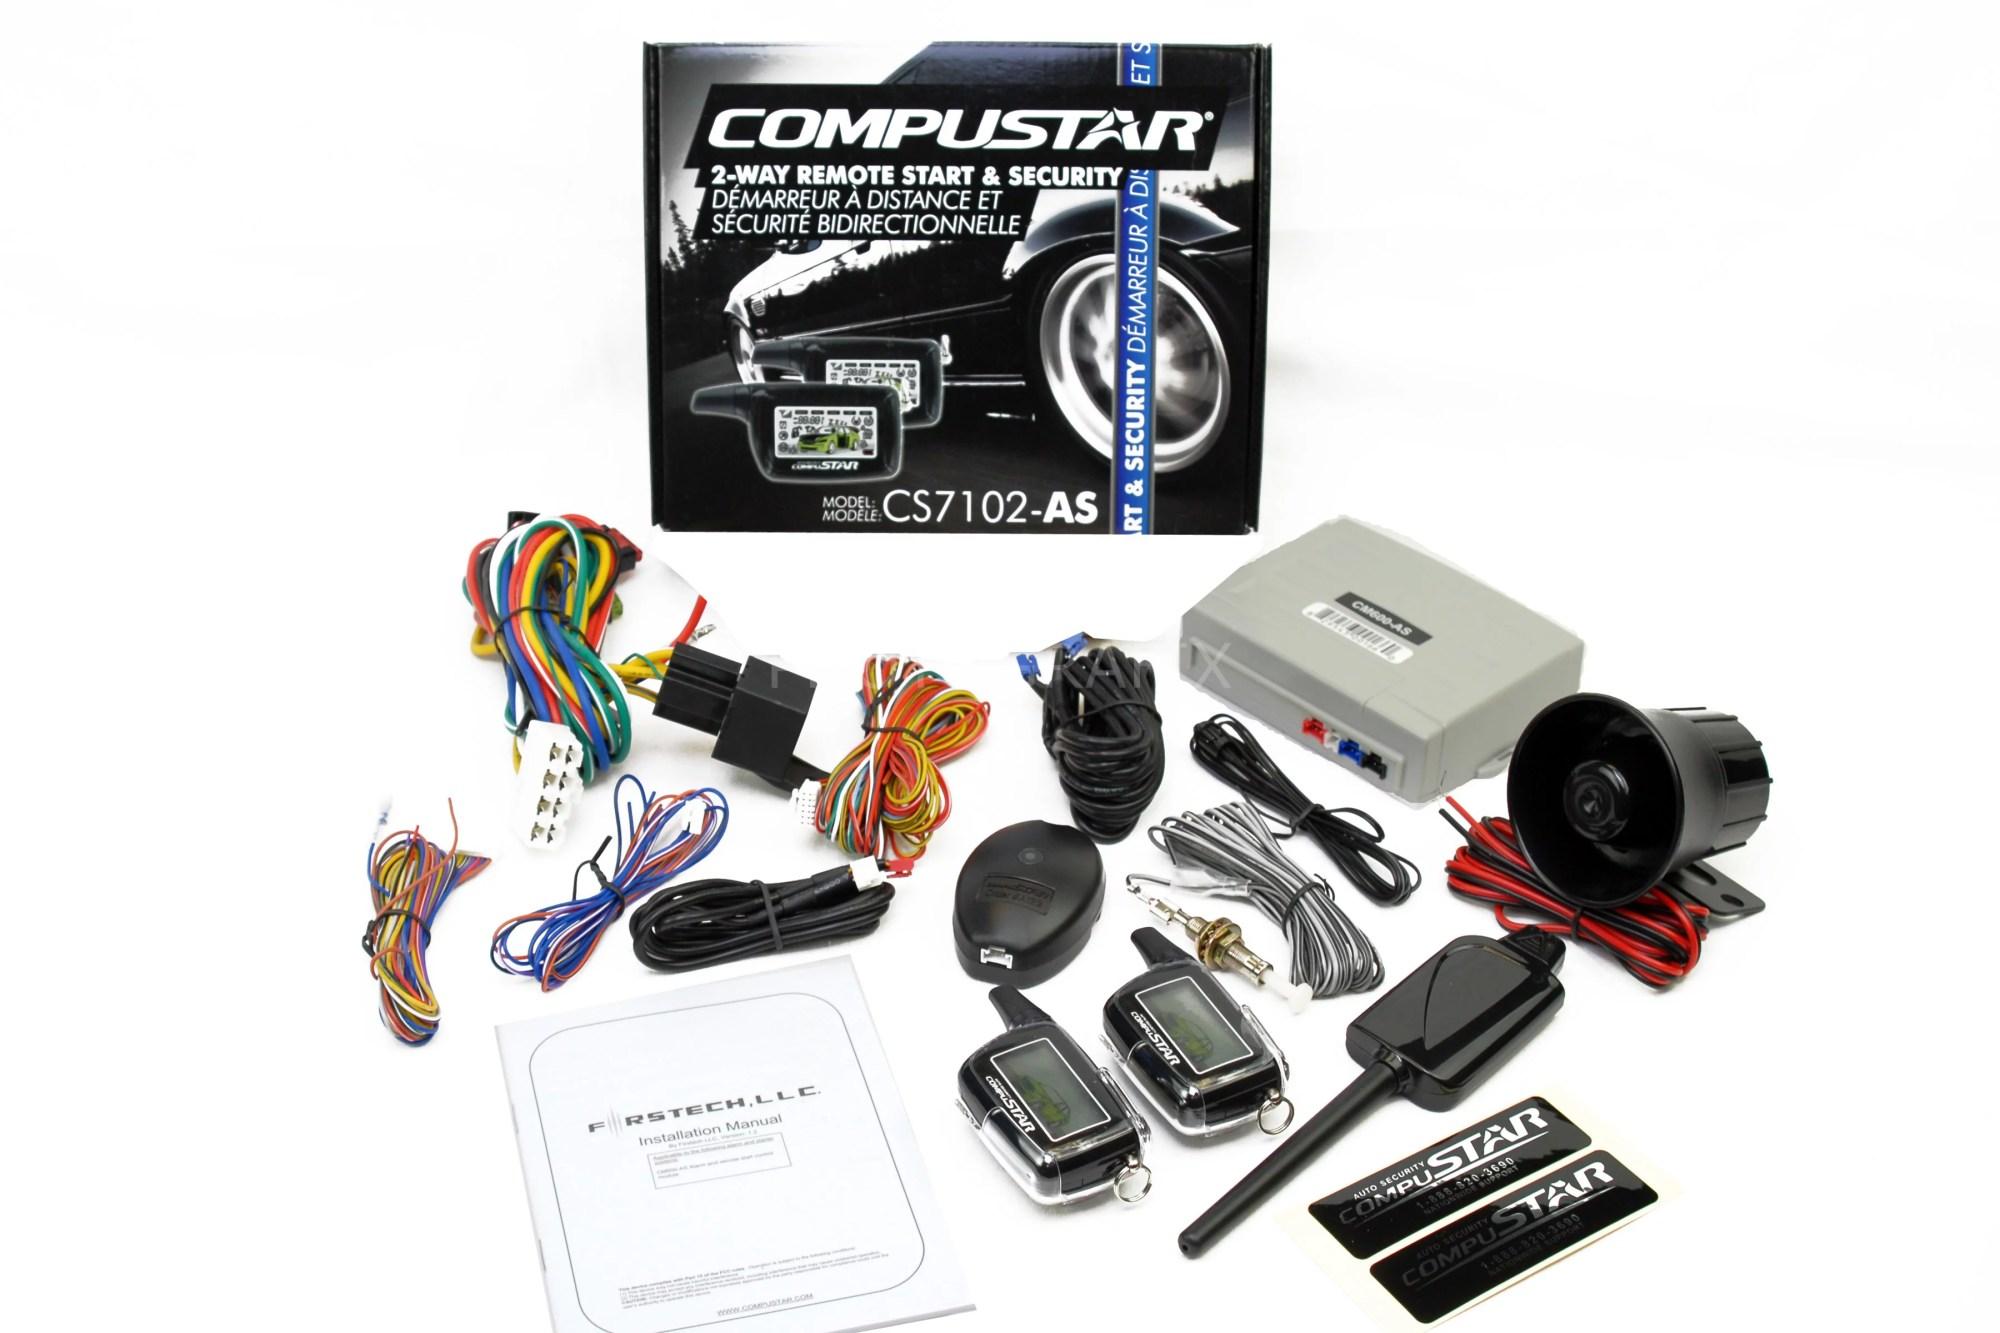 hight resolution of  0817f854 04cc 42e4 855b 6890ef416708 1 fa1758f46224991f1909d310dcb5bc98 prestige auto safety accessories ultra remote car starter wiring